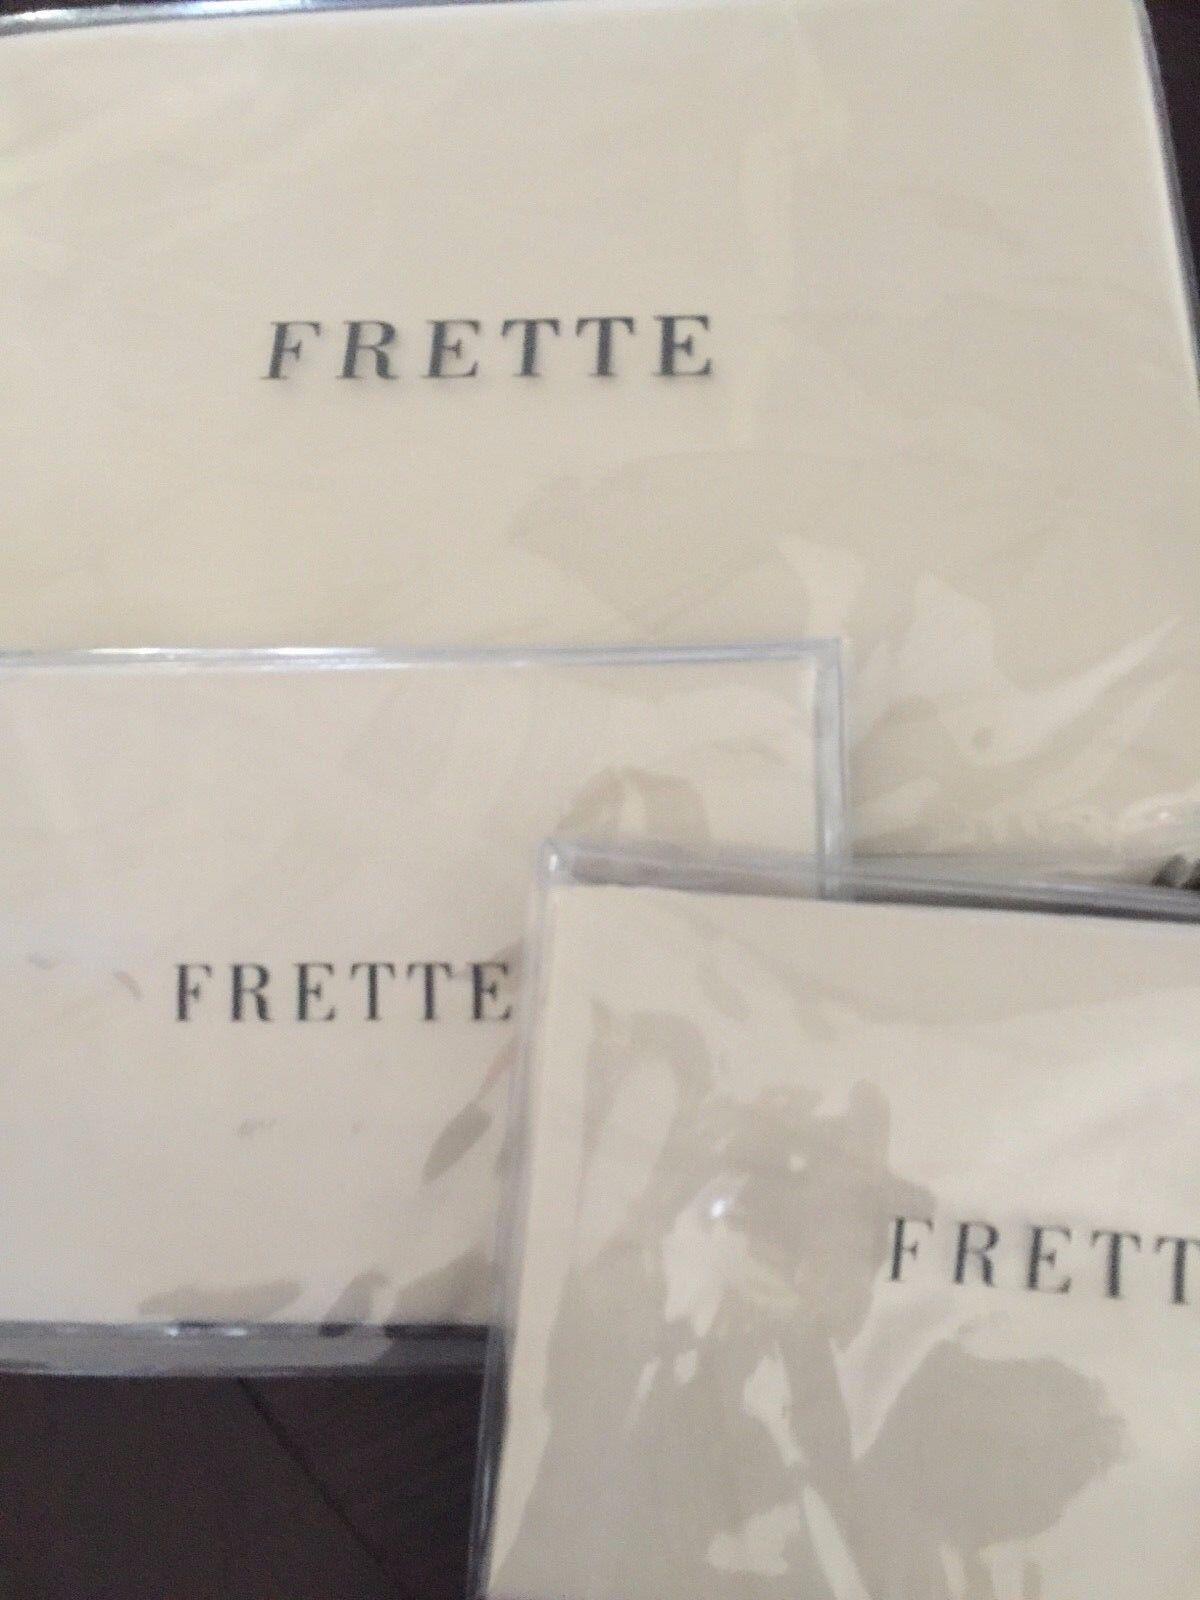 FRETTE King Duvet Cover + 2 Euro Shams Ingrid Champagne Cotton  New